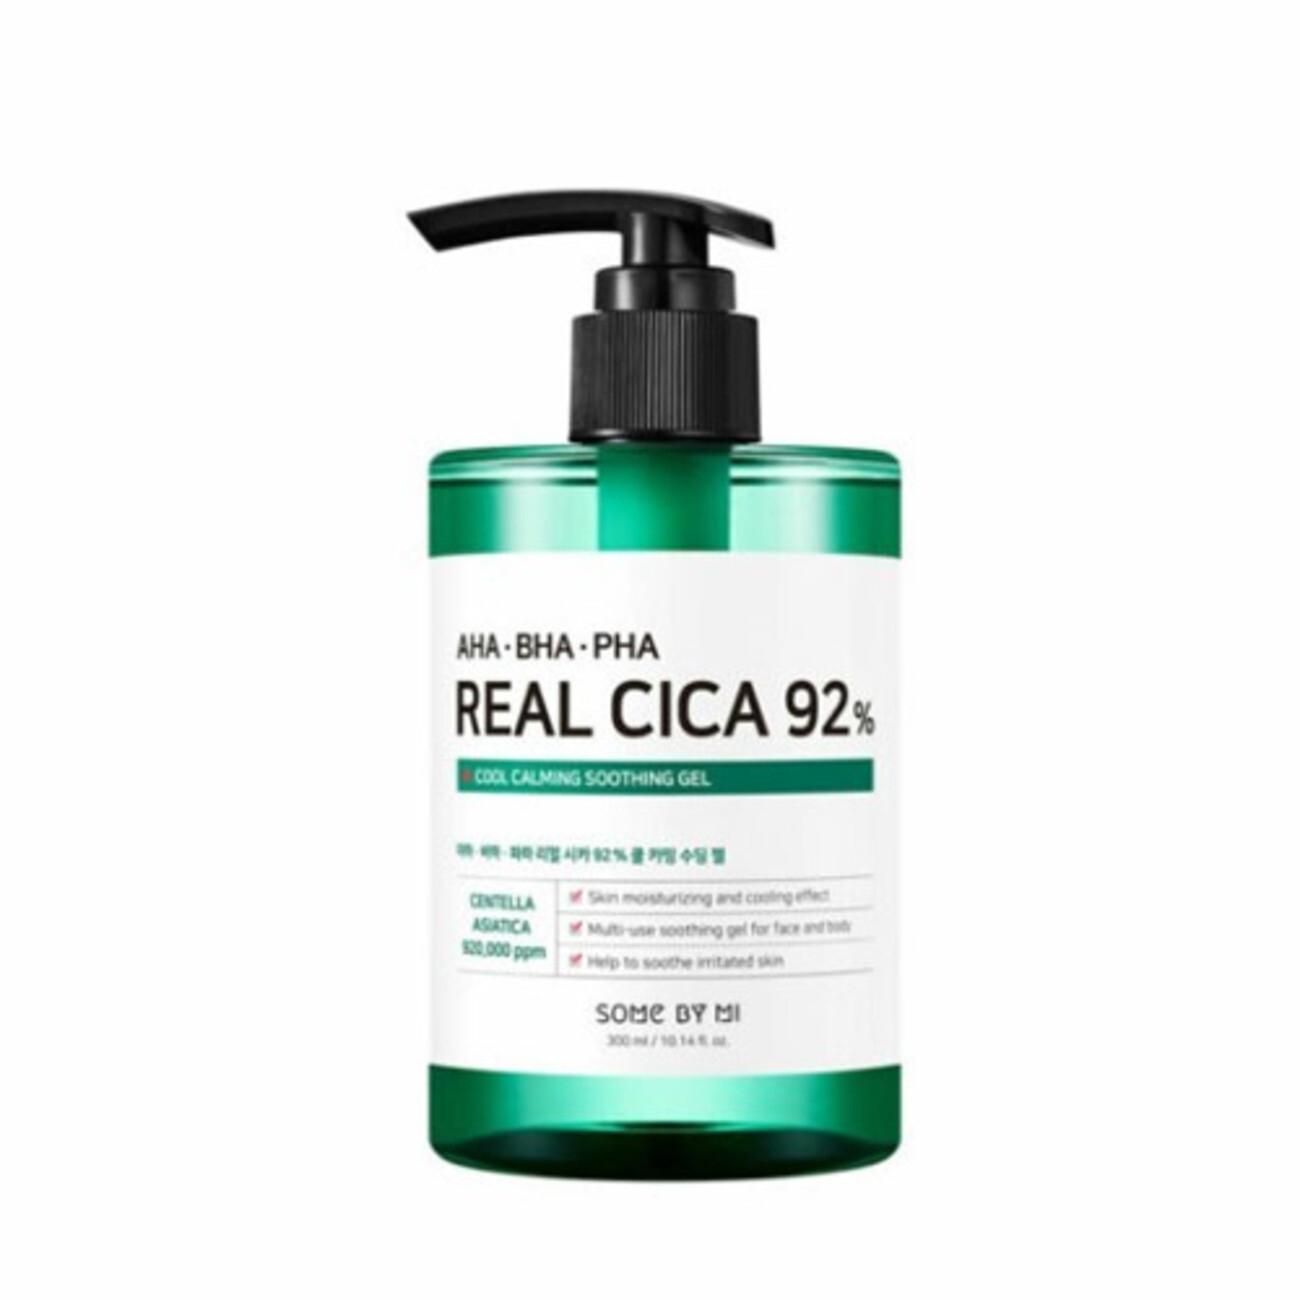 SOME BY MI AHA-BHA-PHA Real Cica 92% Cool Calming Soothing Gel Охлаждающий успокаивающий гель с кислотами для проблемной кожи